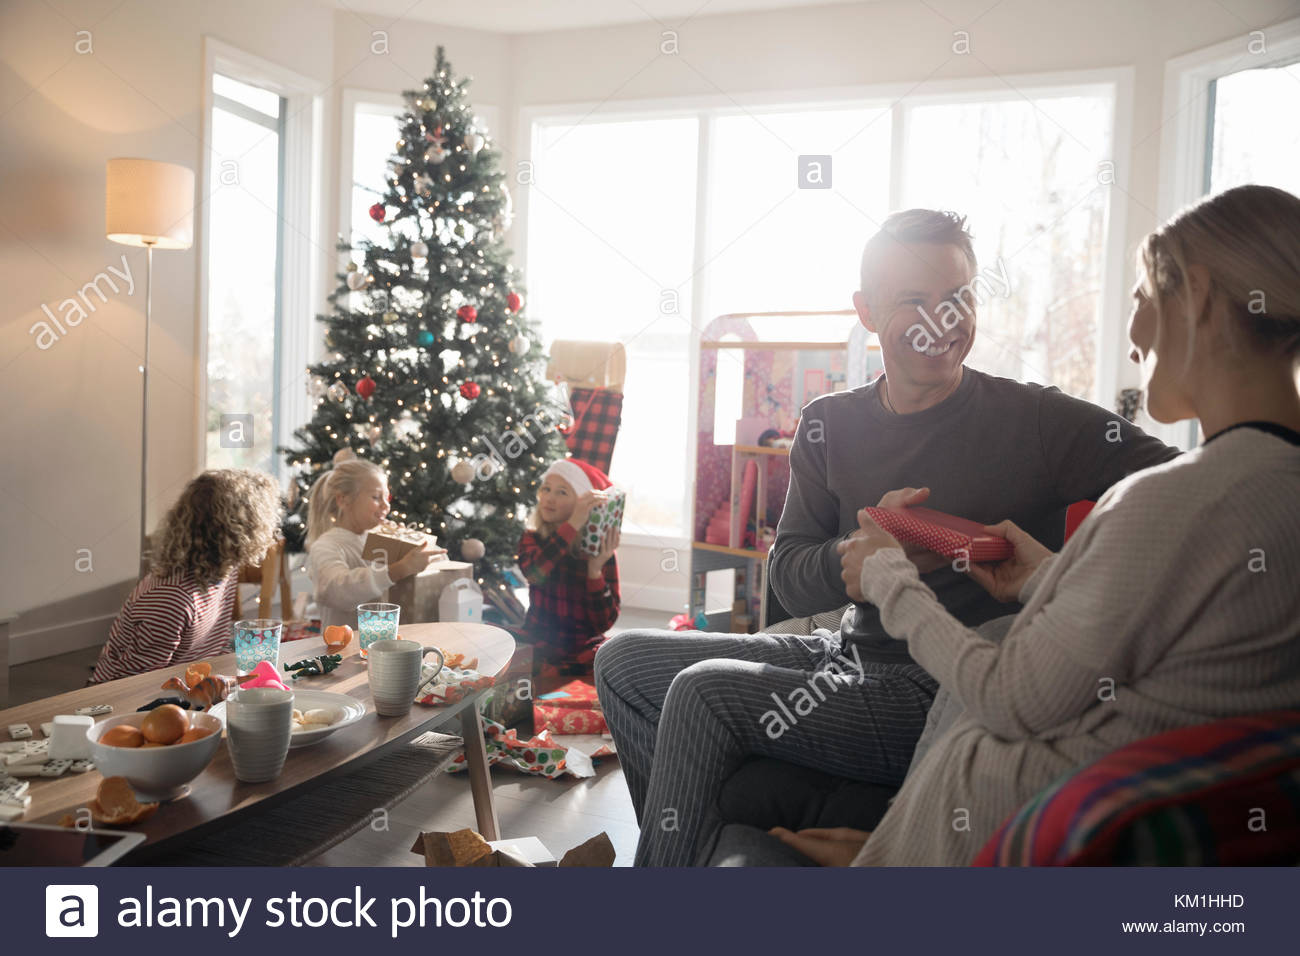 Mann, Weihnachtsgeschenk zu Frau im Wohnzimmer mit der Familie Stockbild